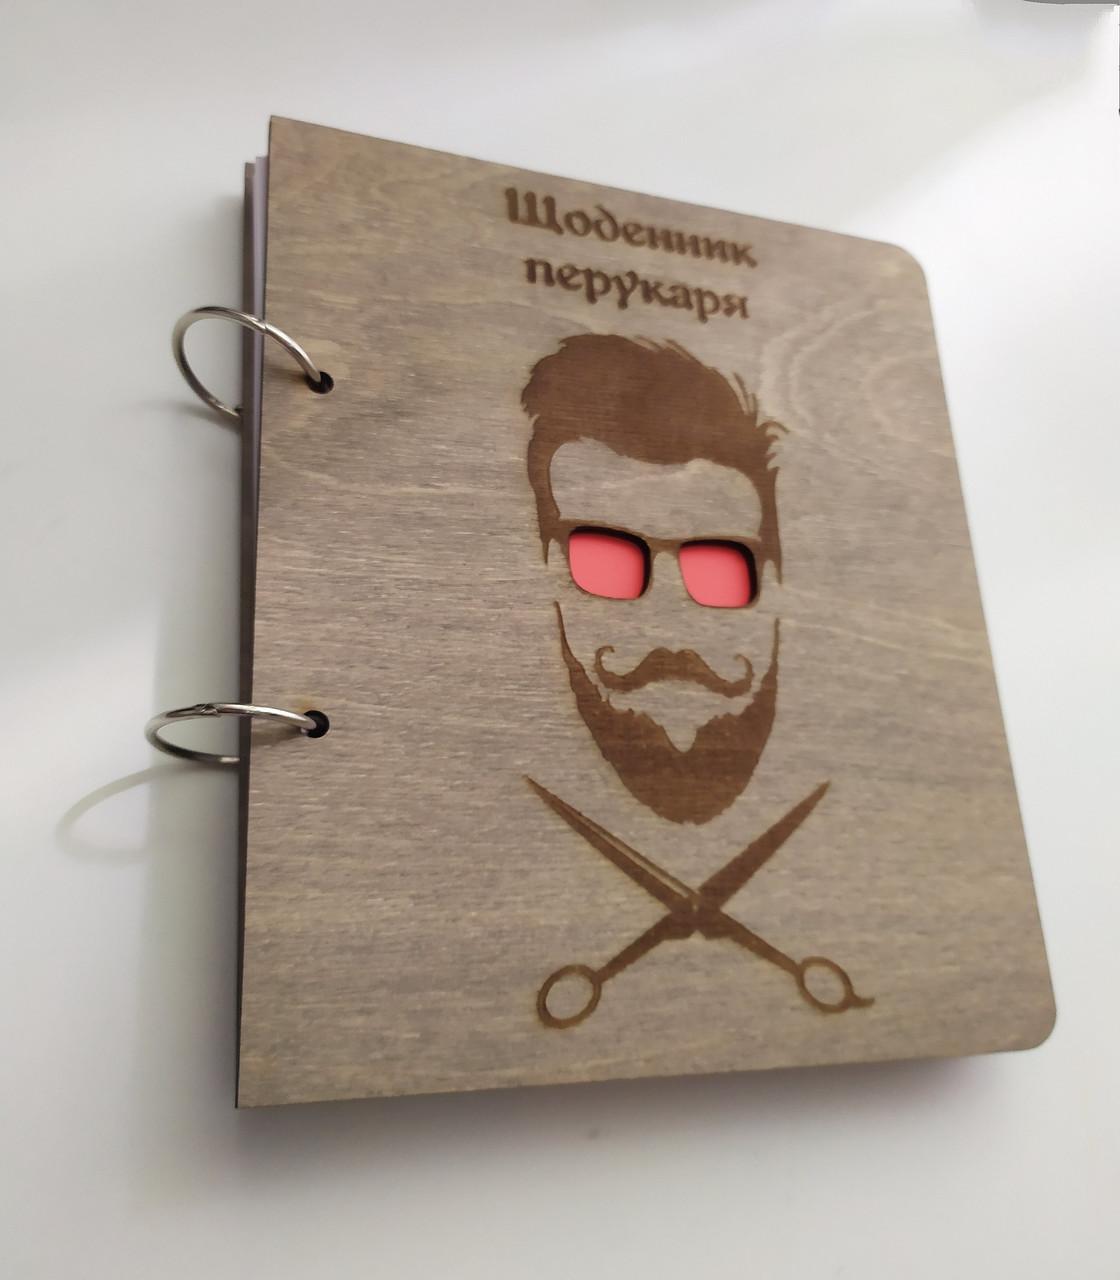 """Дерев'яний блокнот """"Щоденник перукаря, барбера"""" (на кільцях), щоденник з дерева, щоденник перукаря"""